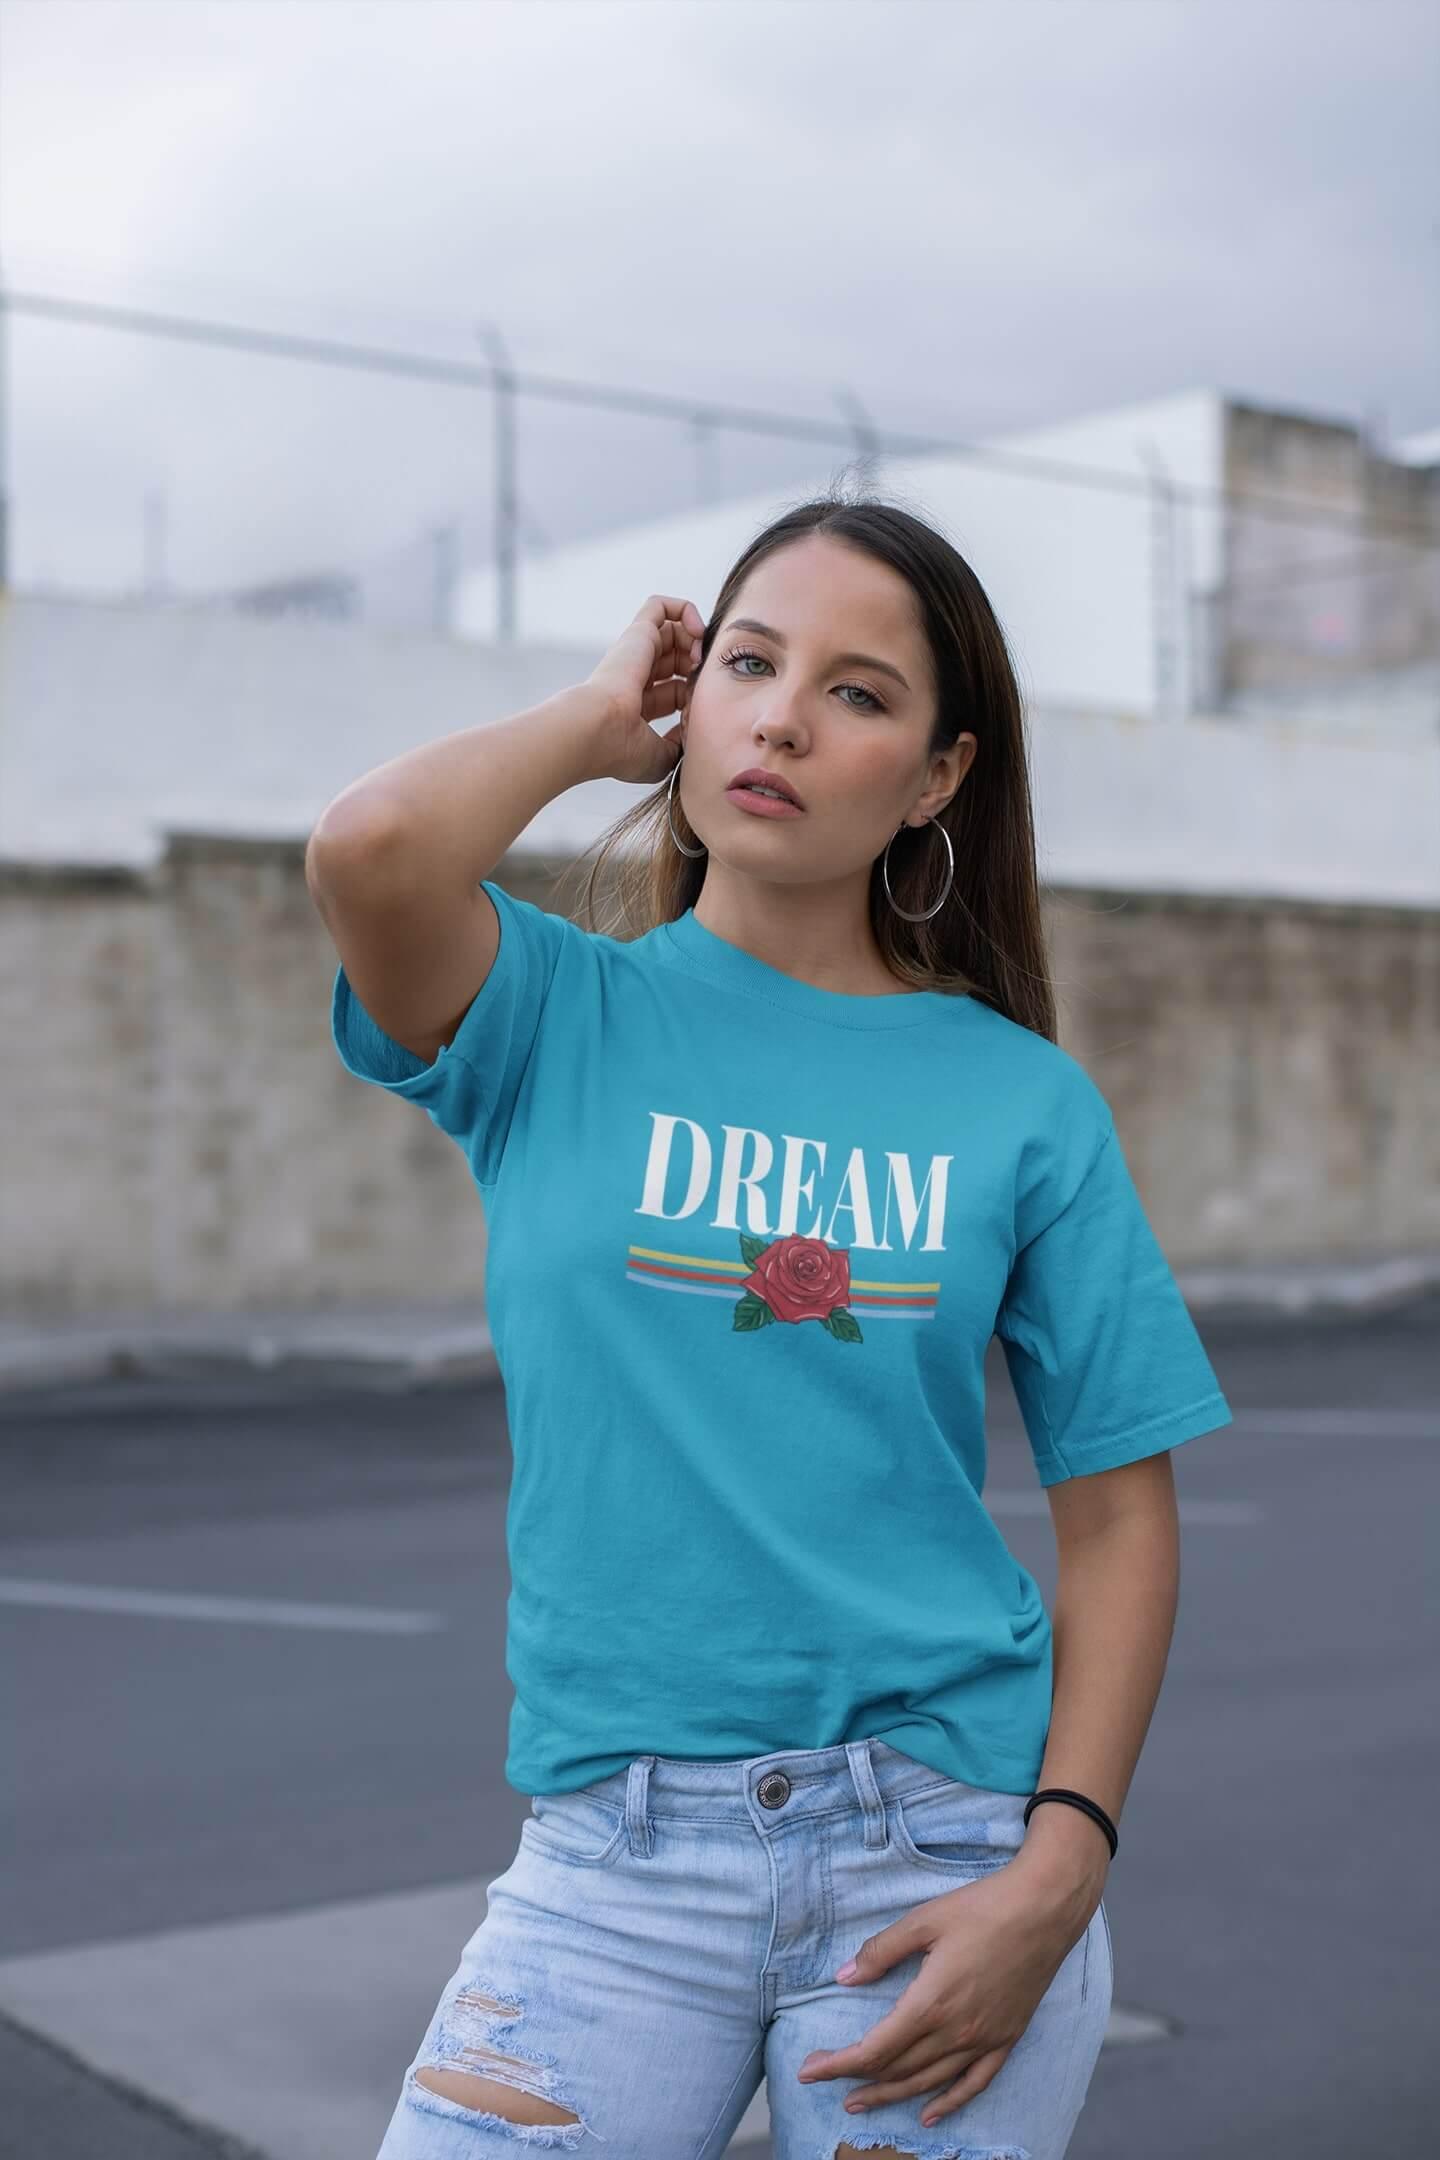 MMO Dámske tričko Dream Vyberte farbu: Tyrkysová, Vyberte veľkosť: M